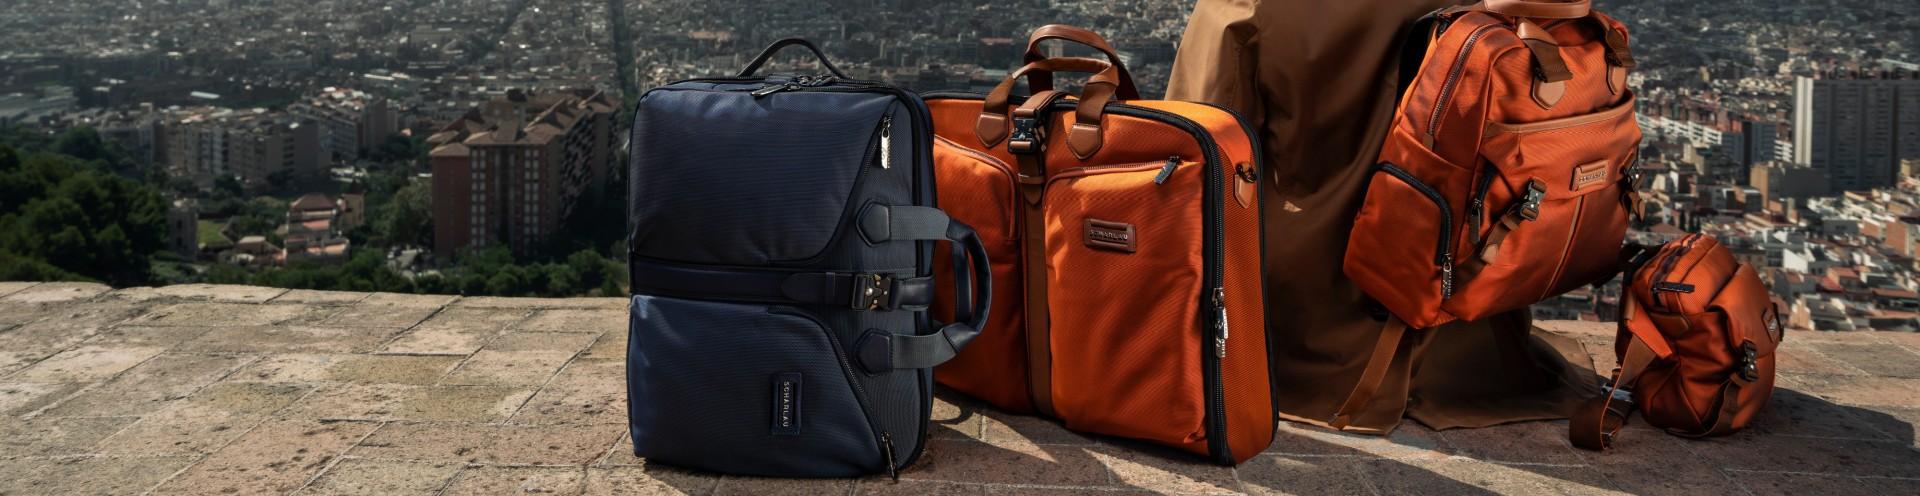 Bolsas de Viaje para Hombre Personalizadas